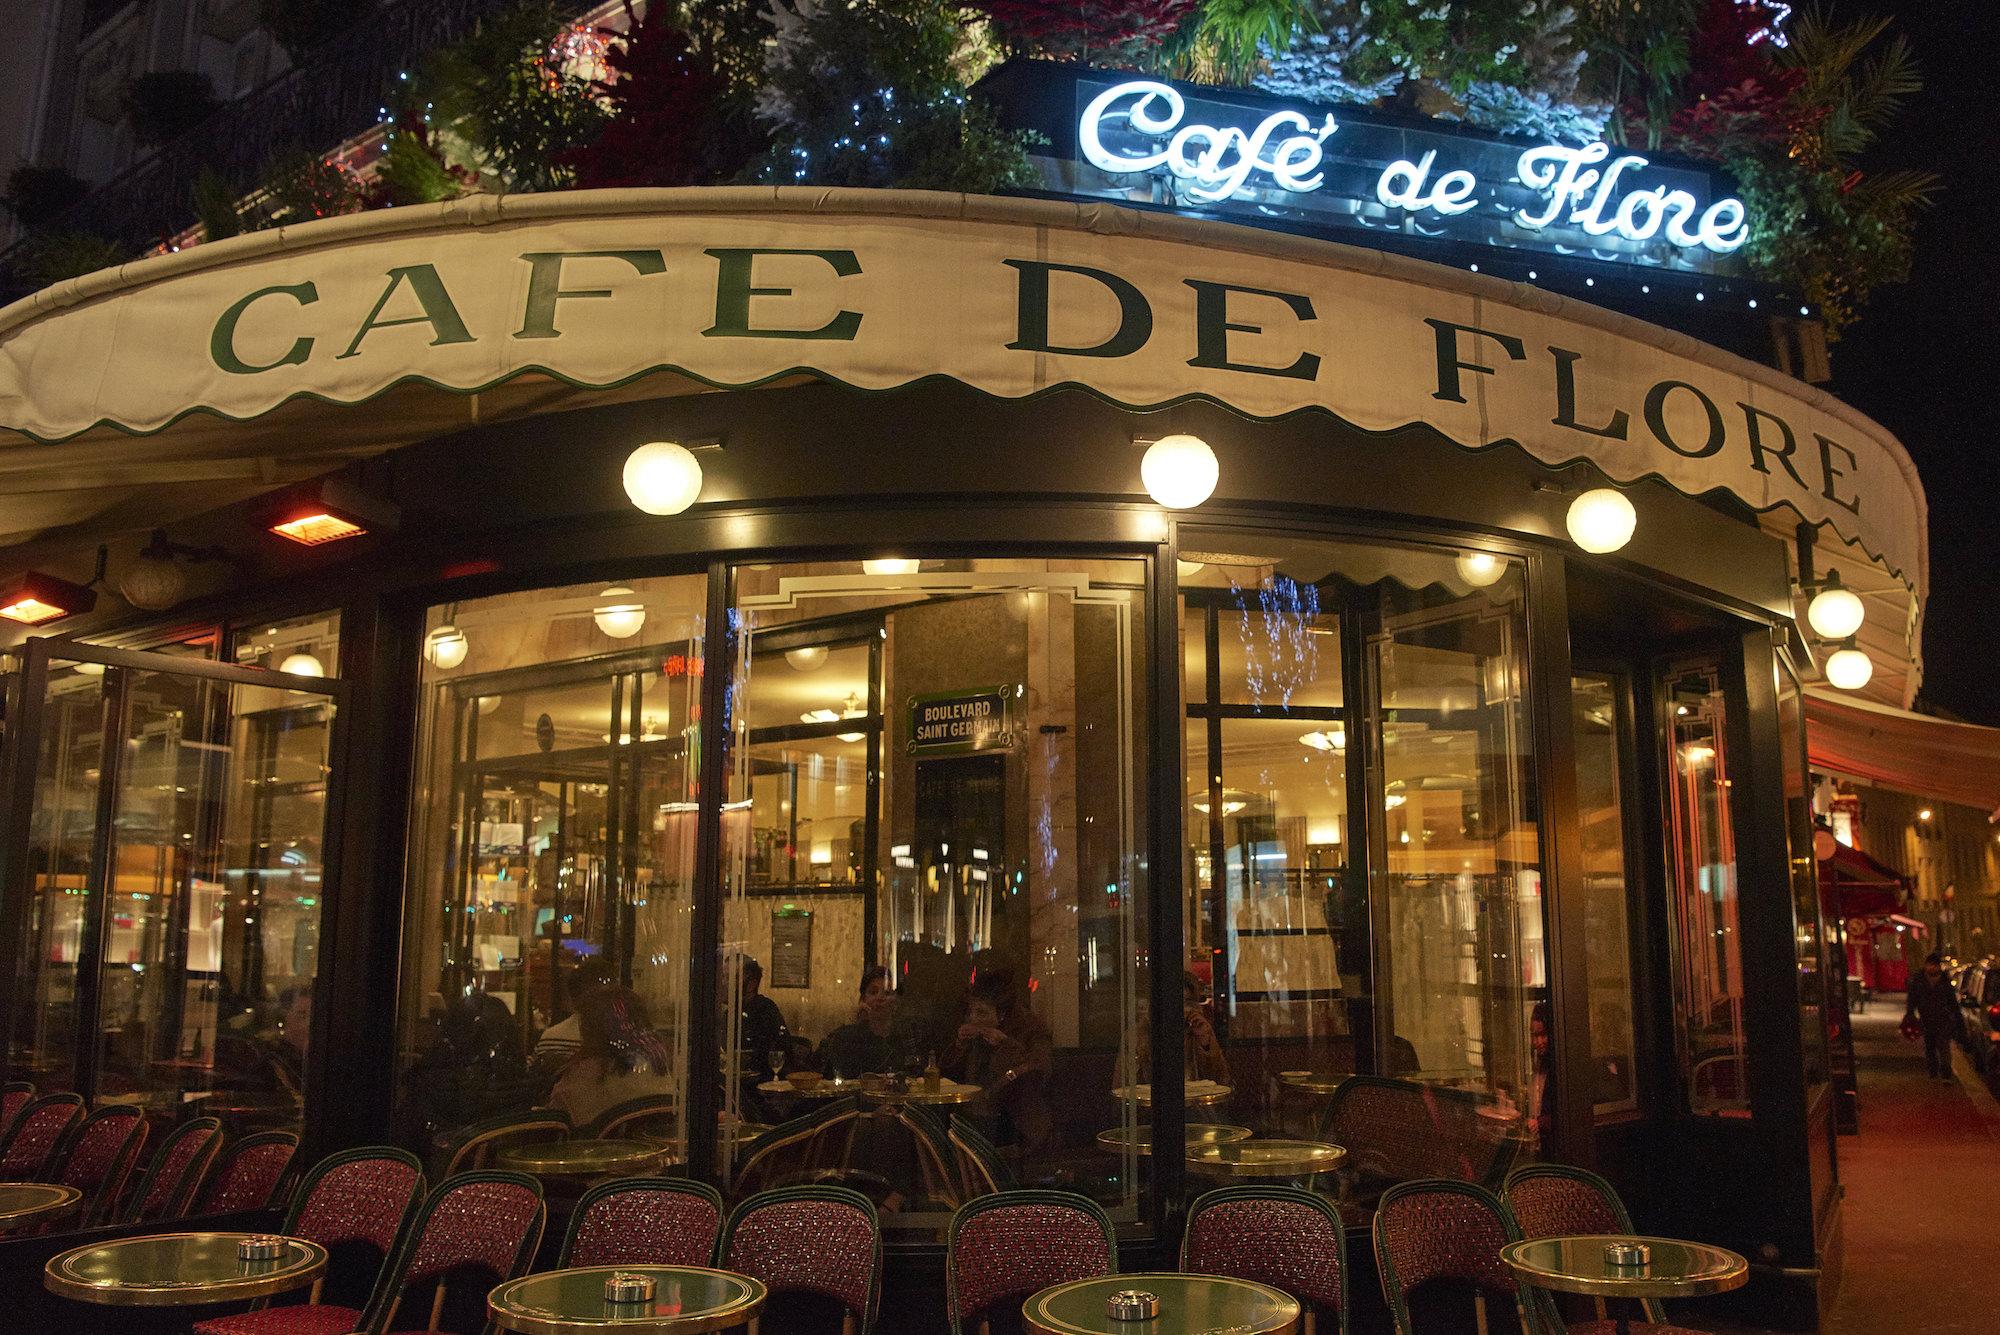 Café de Flore appearance